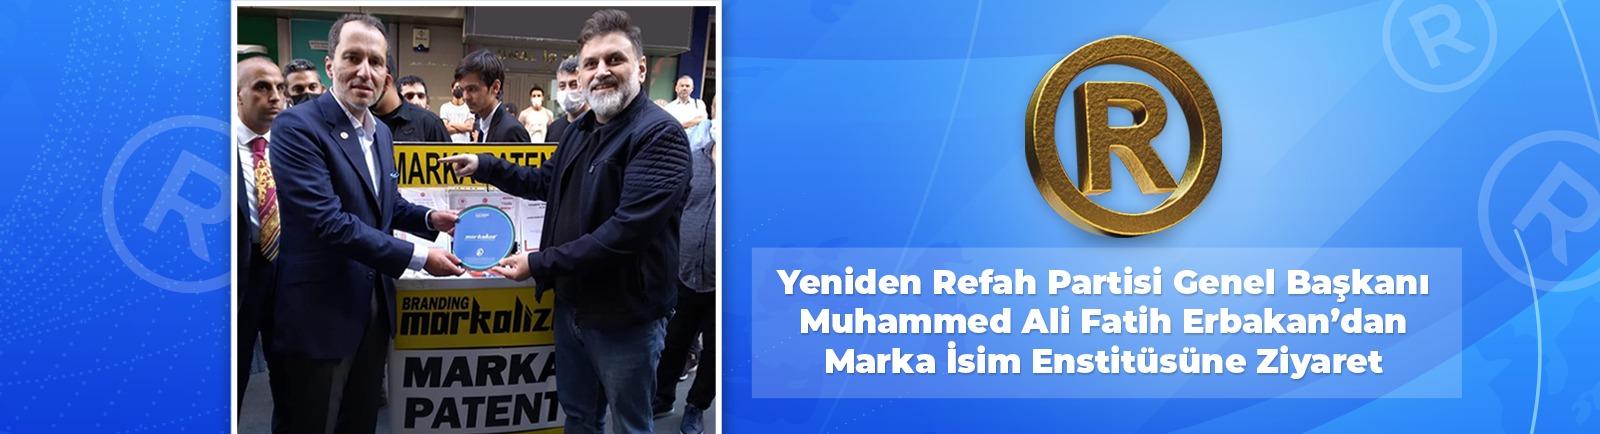 Yeniden Refah Partisi Genel Başkanı Muhammed Ali Fatih Erbakan'dan Marka İsim Enstitüsüne Ziyaret